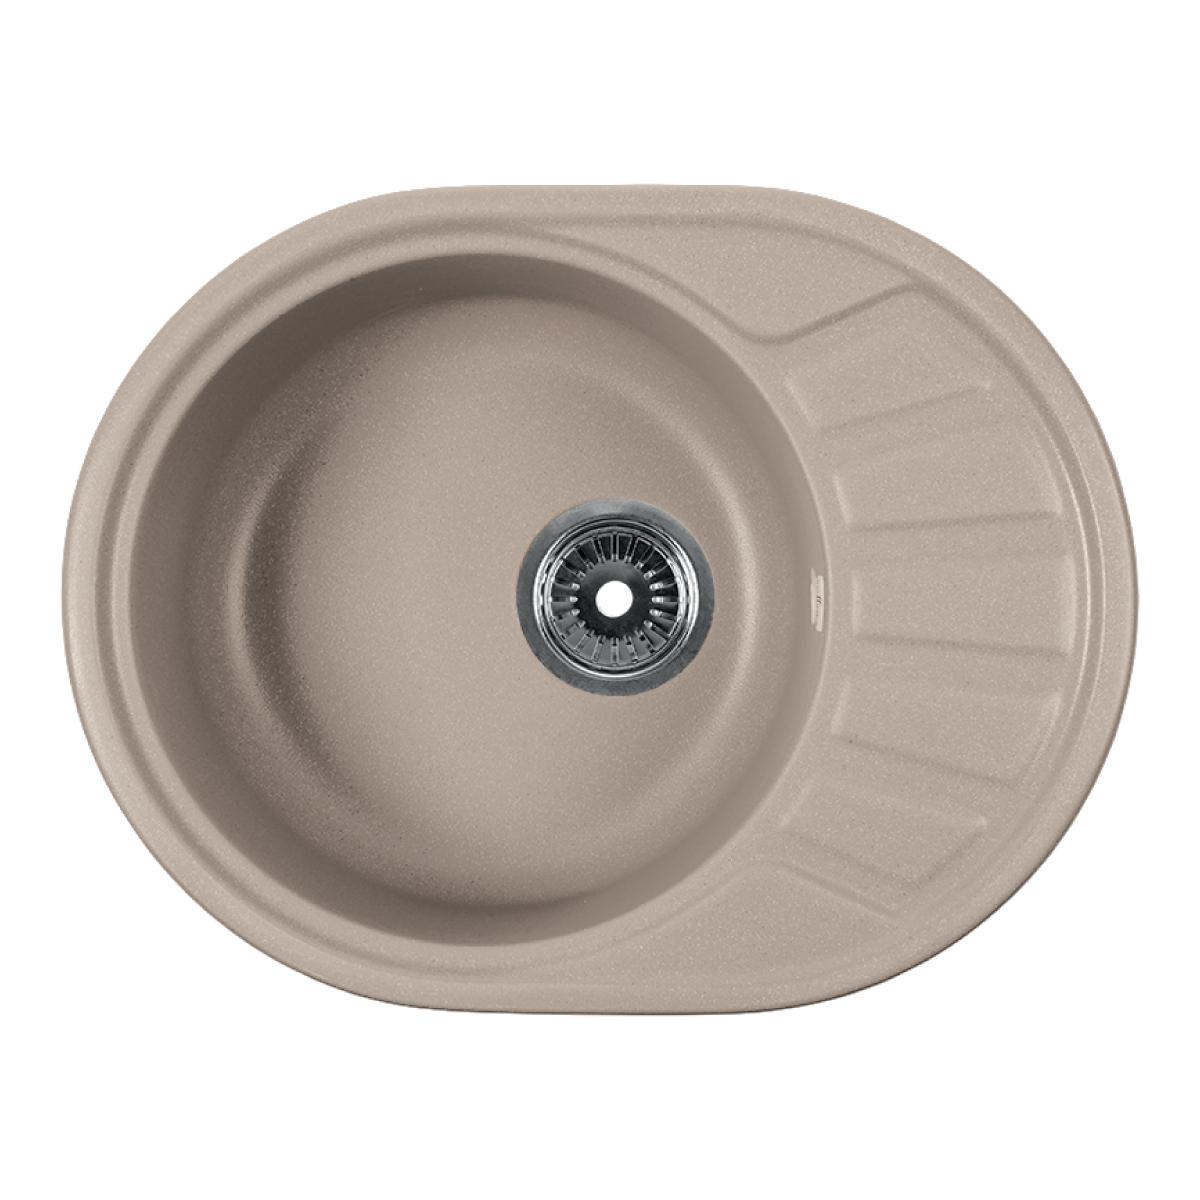 Мойка Rossinka для кухни из исскуственного камня круглая, с крылом, реверсивная, с сифоном, RS58-45RW-Beige